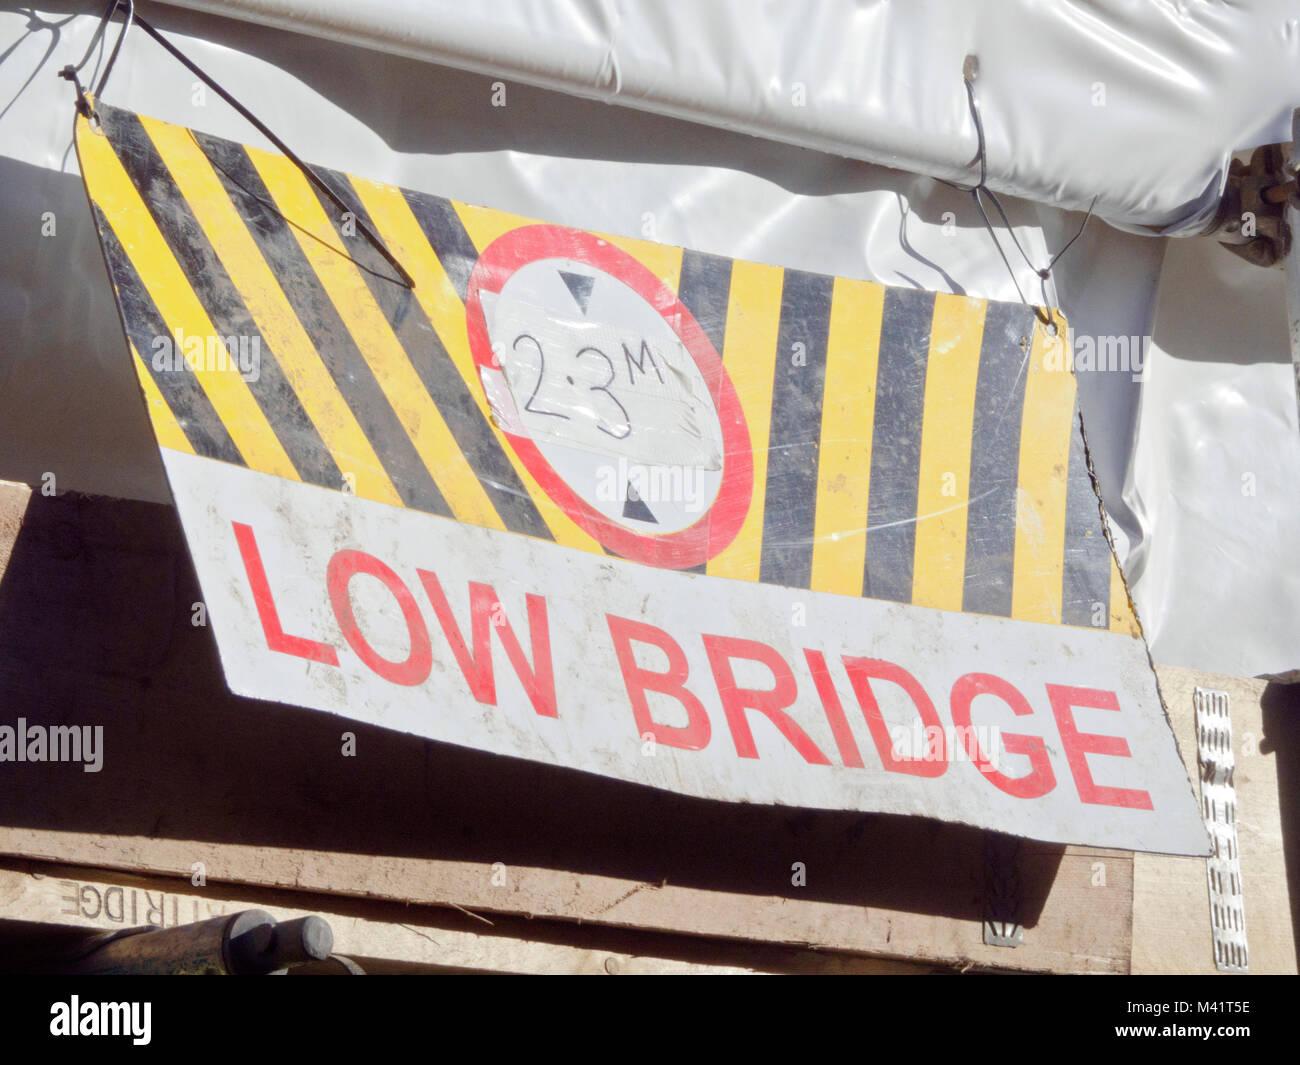 Pont faible signe Waring montrant 2,3 m Hauteur de dégagement, UK Photo Stock